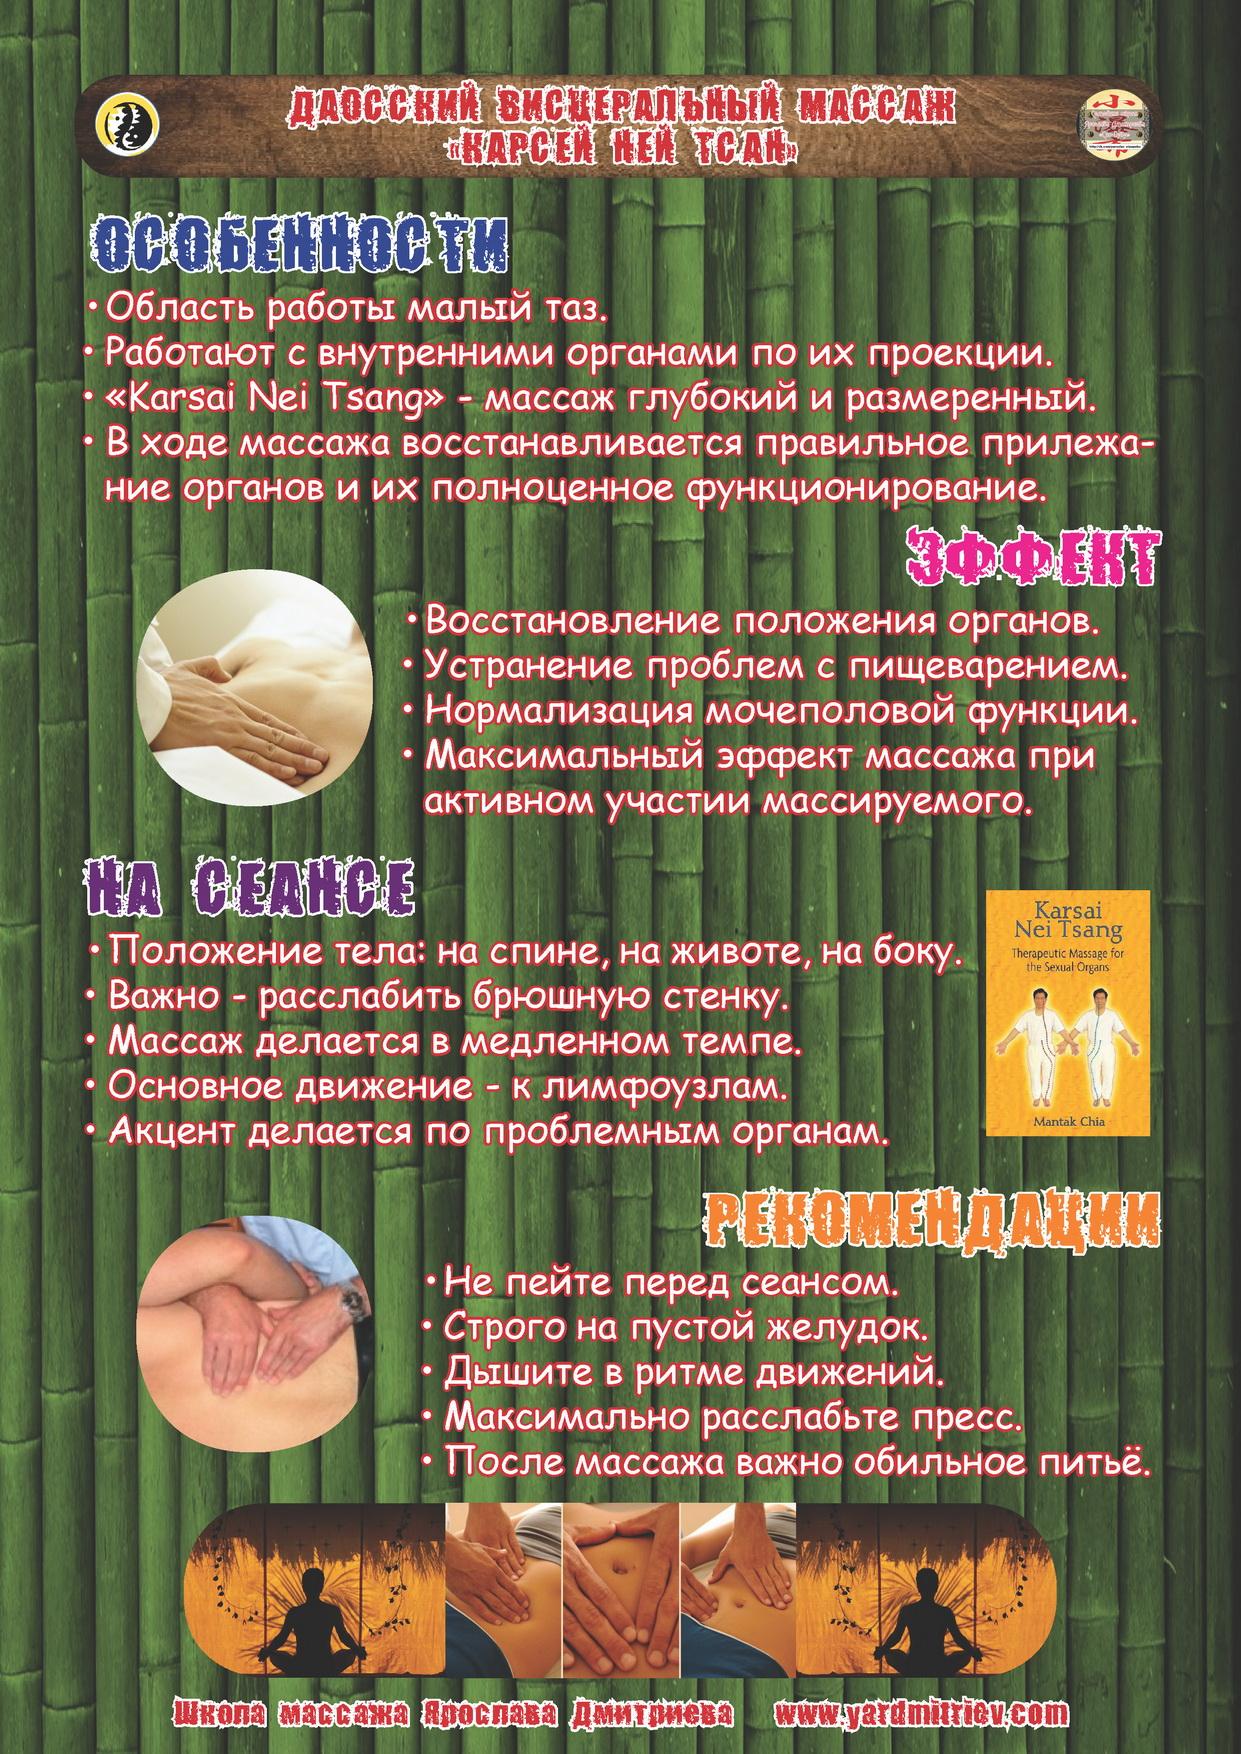 Даосский висцеральный массаж Карсей Ней Тсан